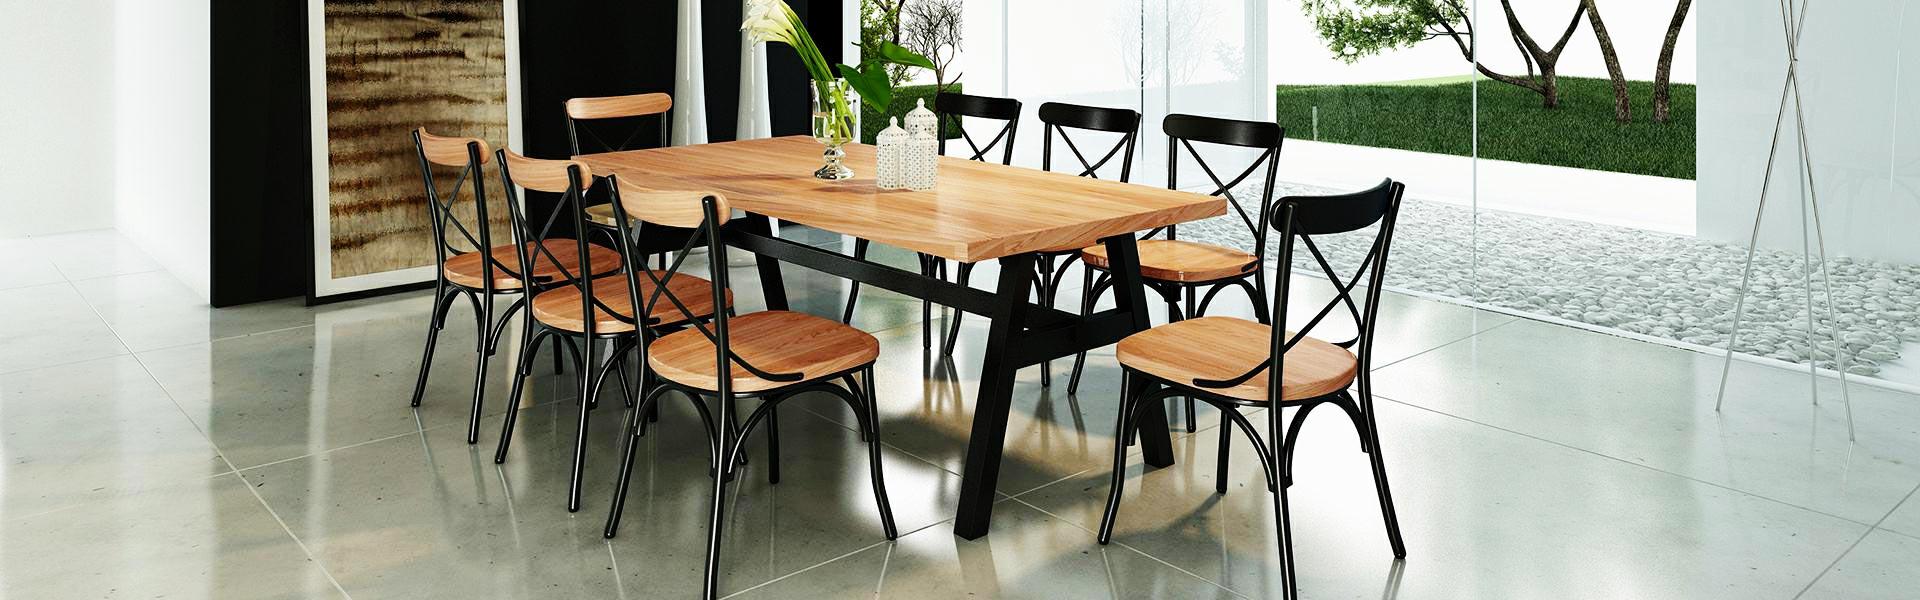 Fond De Hotte Verre Ikea salle à manger industrielle, les tendances actuelles - envie